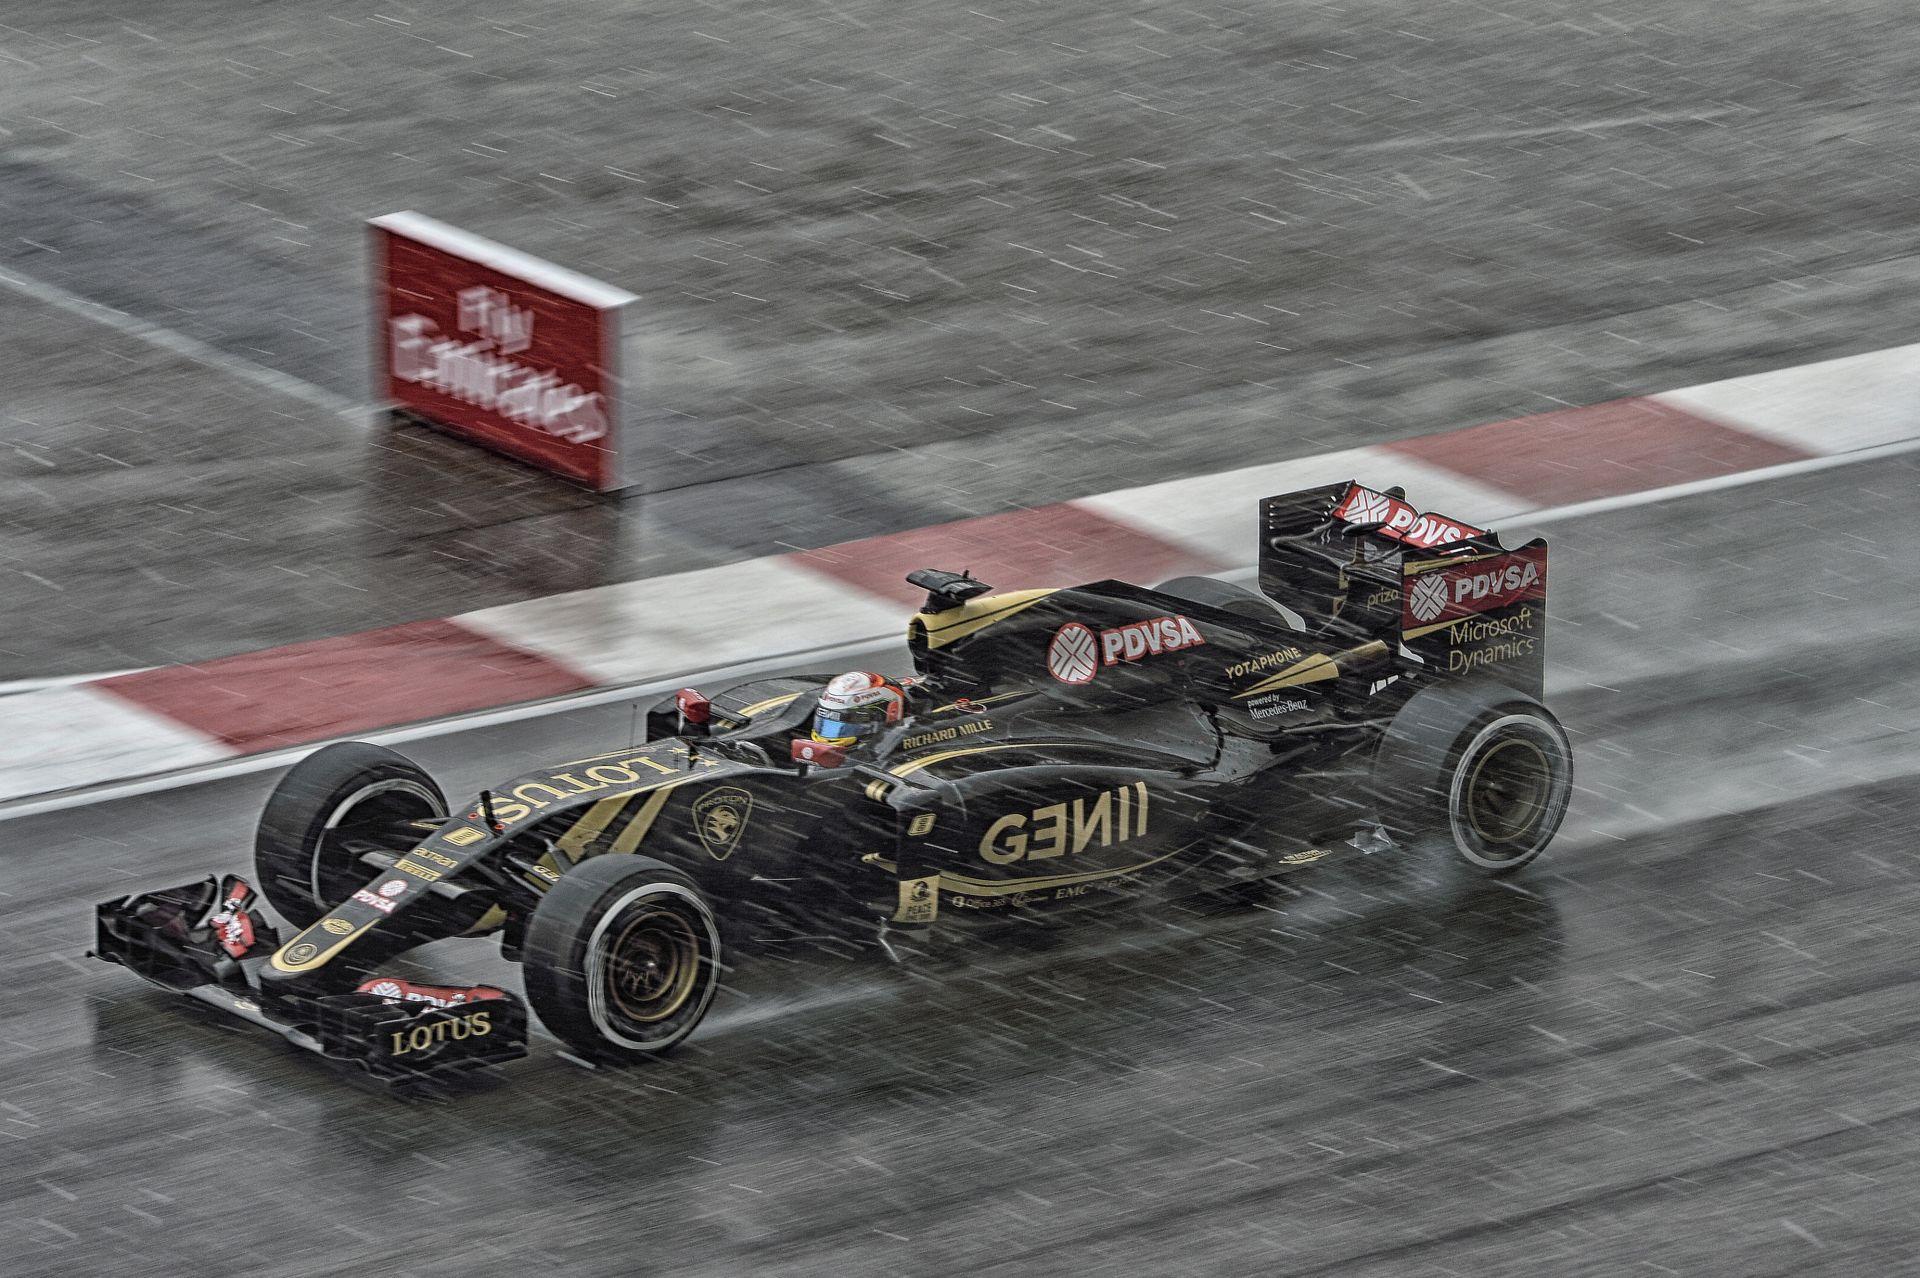 Lotus: Nehéz verseny lesz, de pontokat akarunk gyűjteni!